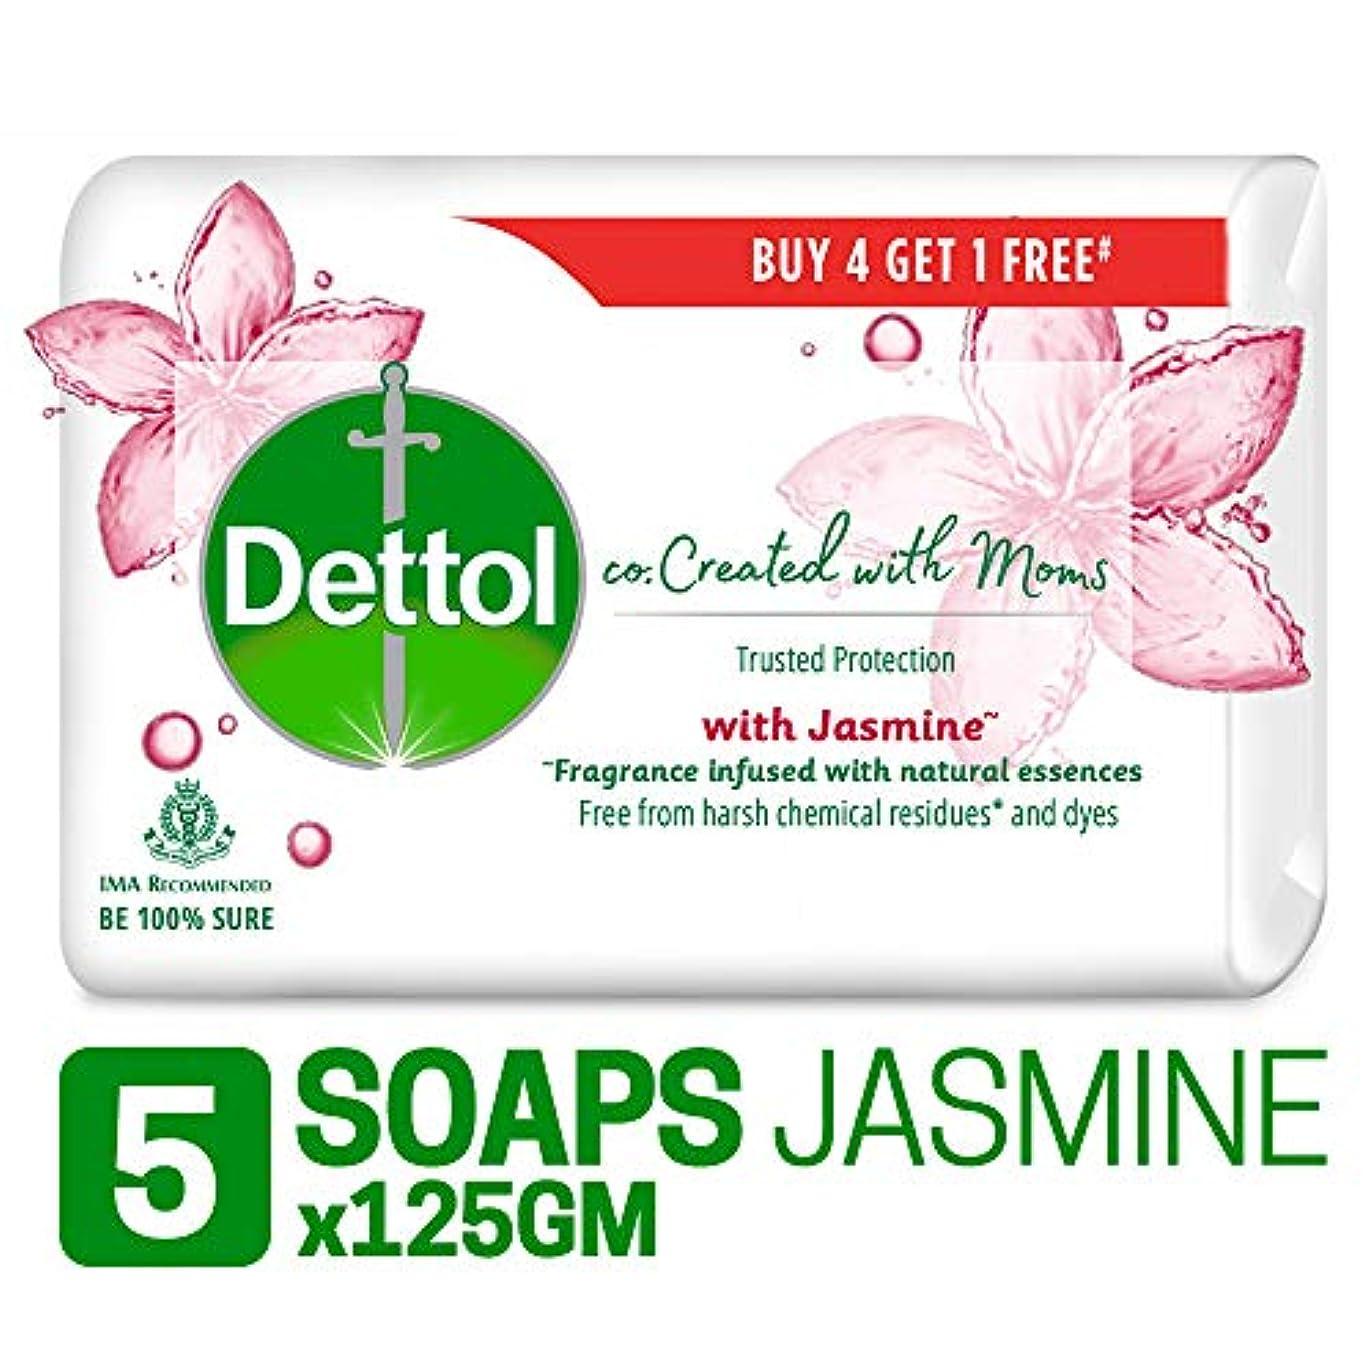 連合堀細心のDettol Co-created with moms Jasmine Bathing Soap, 125gm (Buy 4 Get 1 Free)